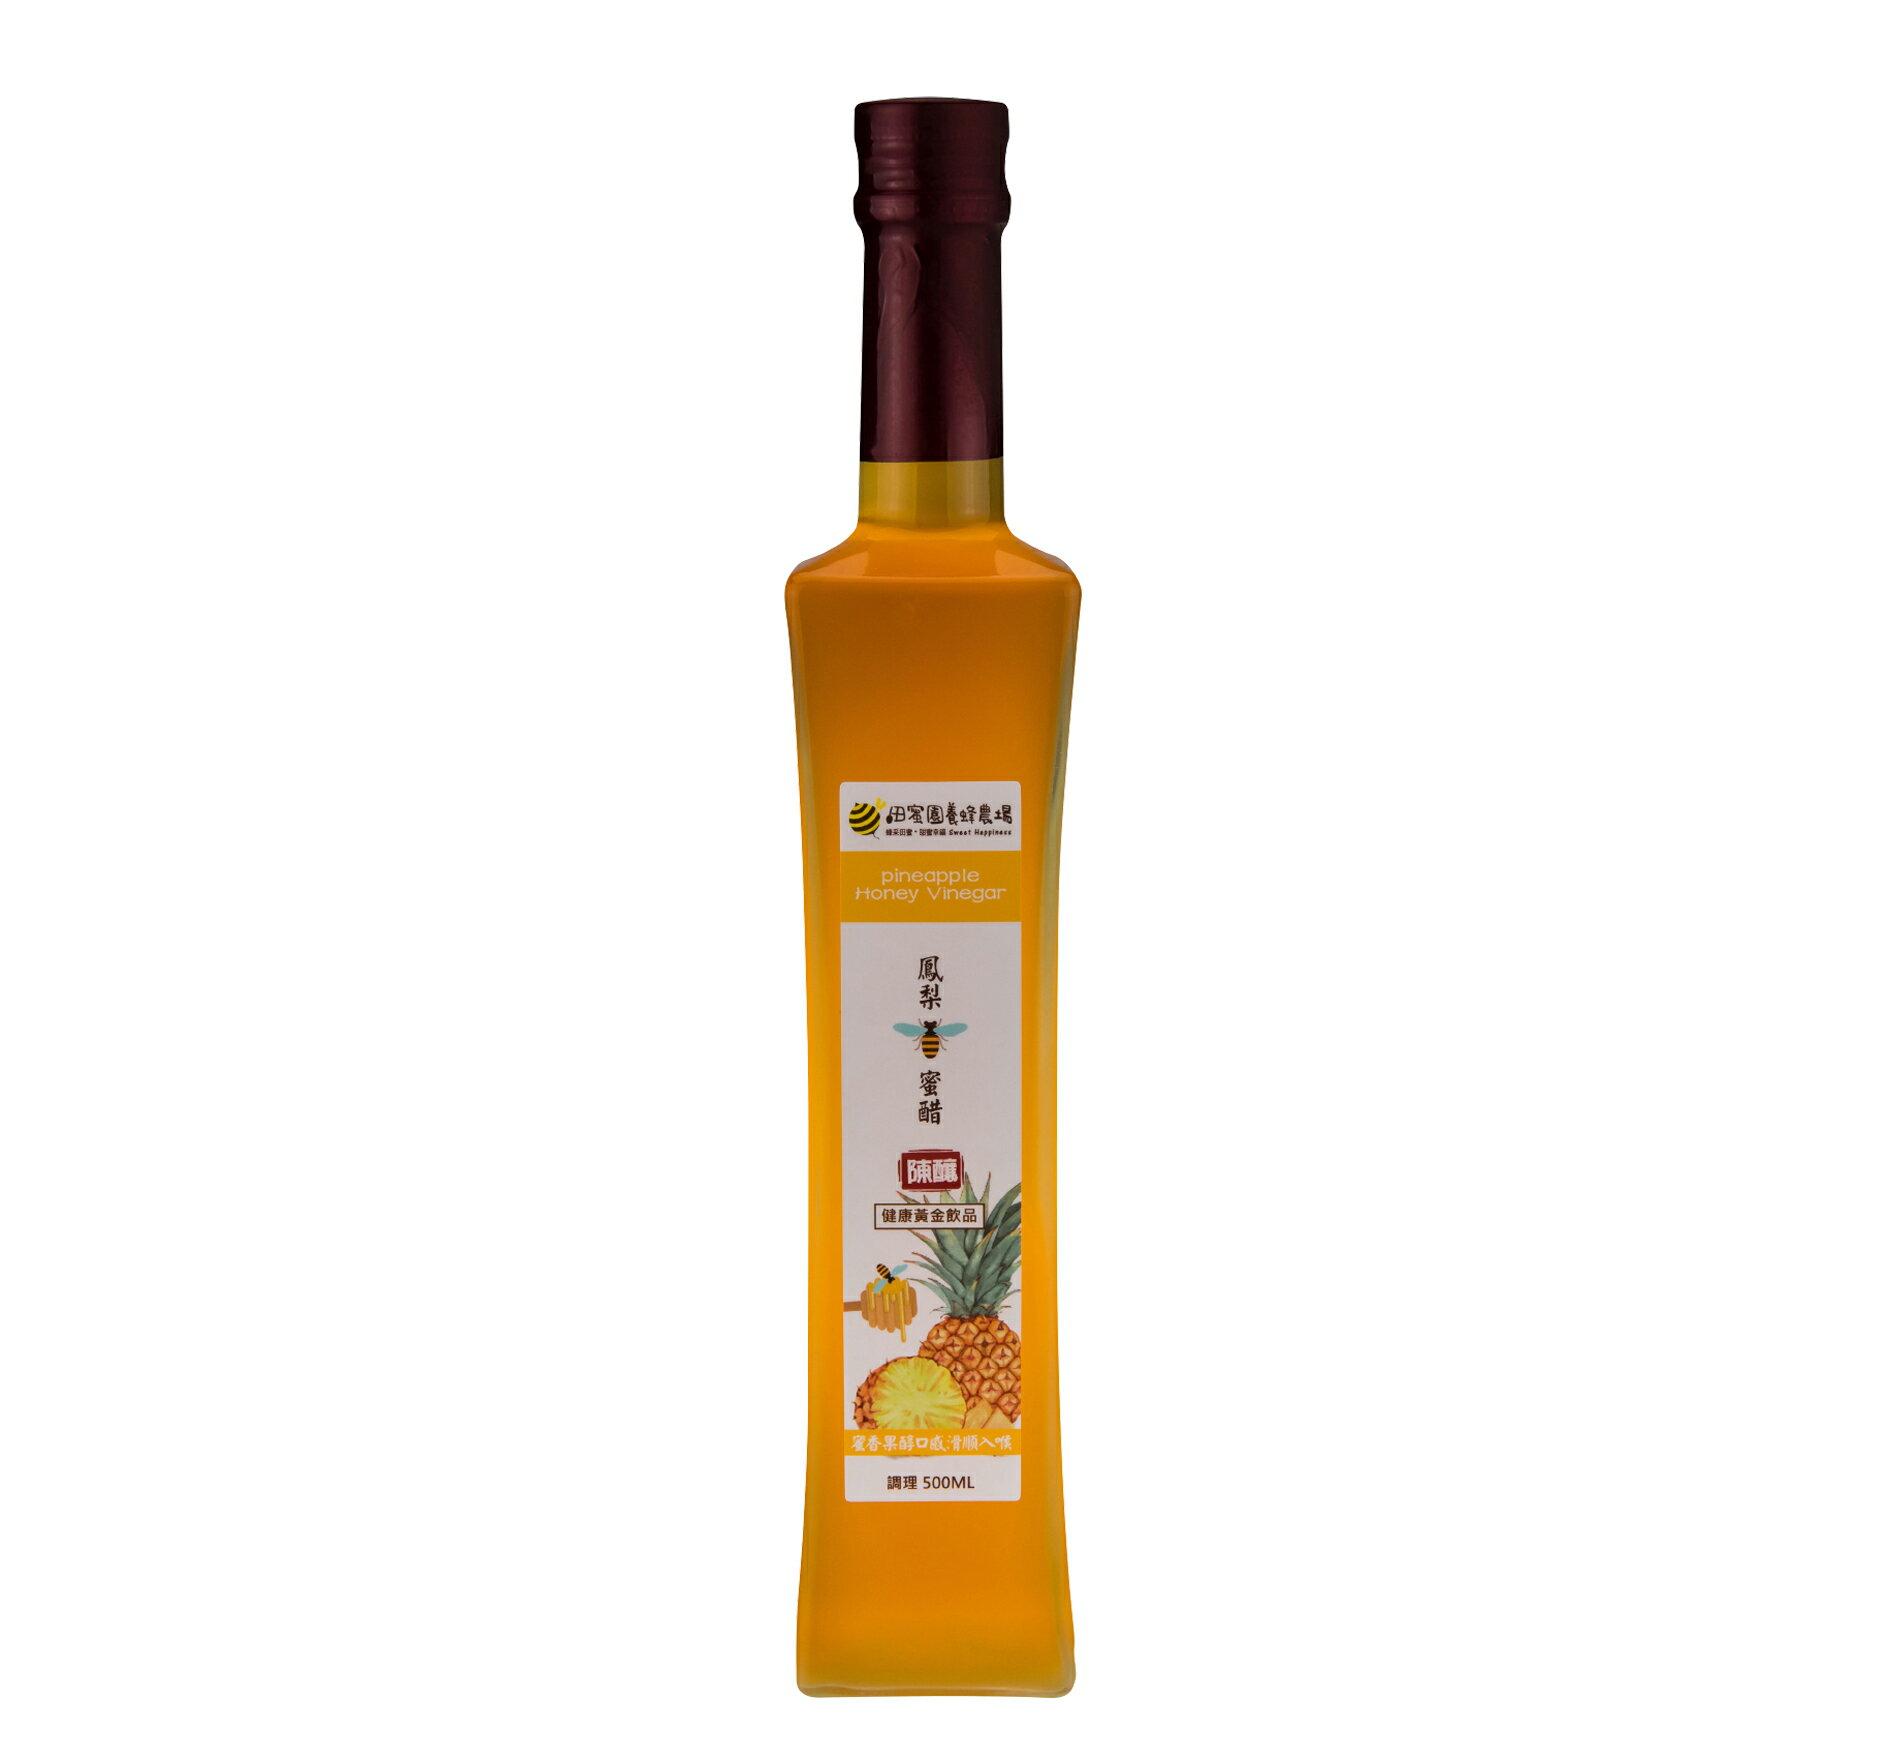 【田蜜園養蜂農場】真味有限公司|鳳梨蜂蜜醋|蜂蜜、蜂花粉、蜂王乳、蜂蜜醋系列